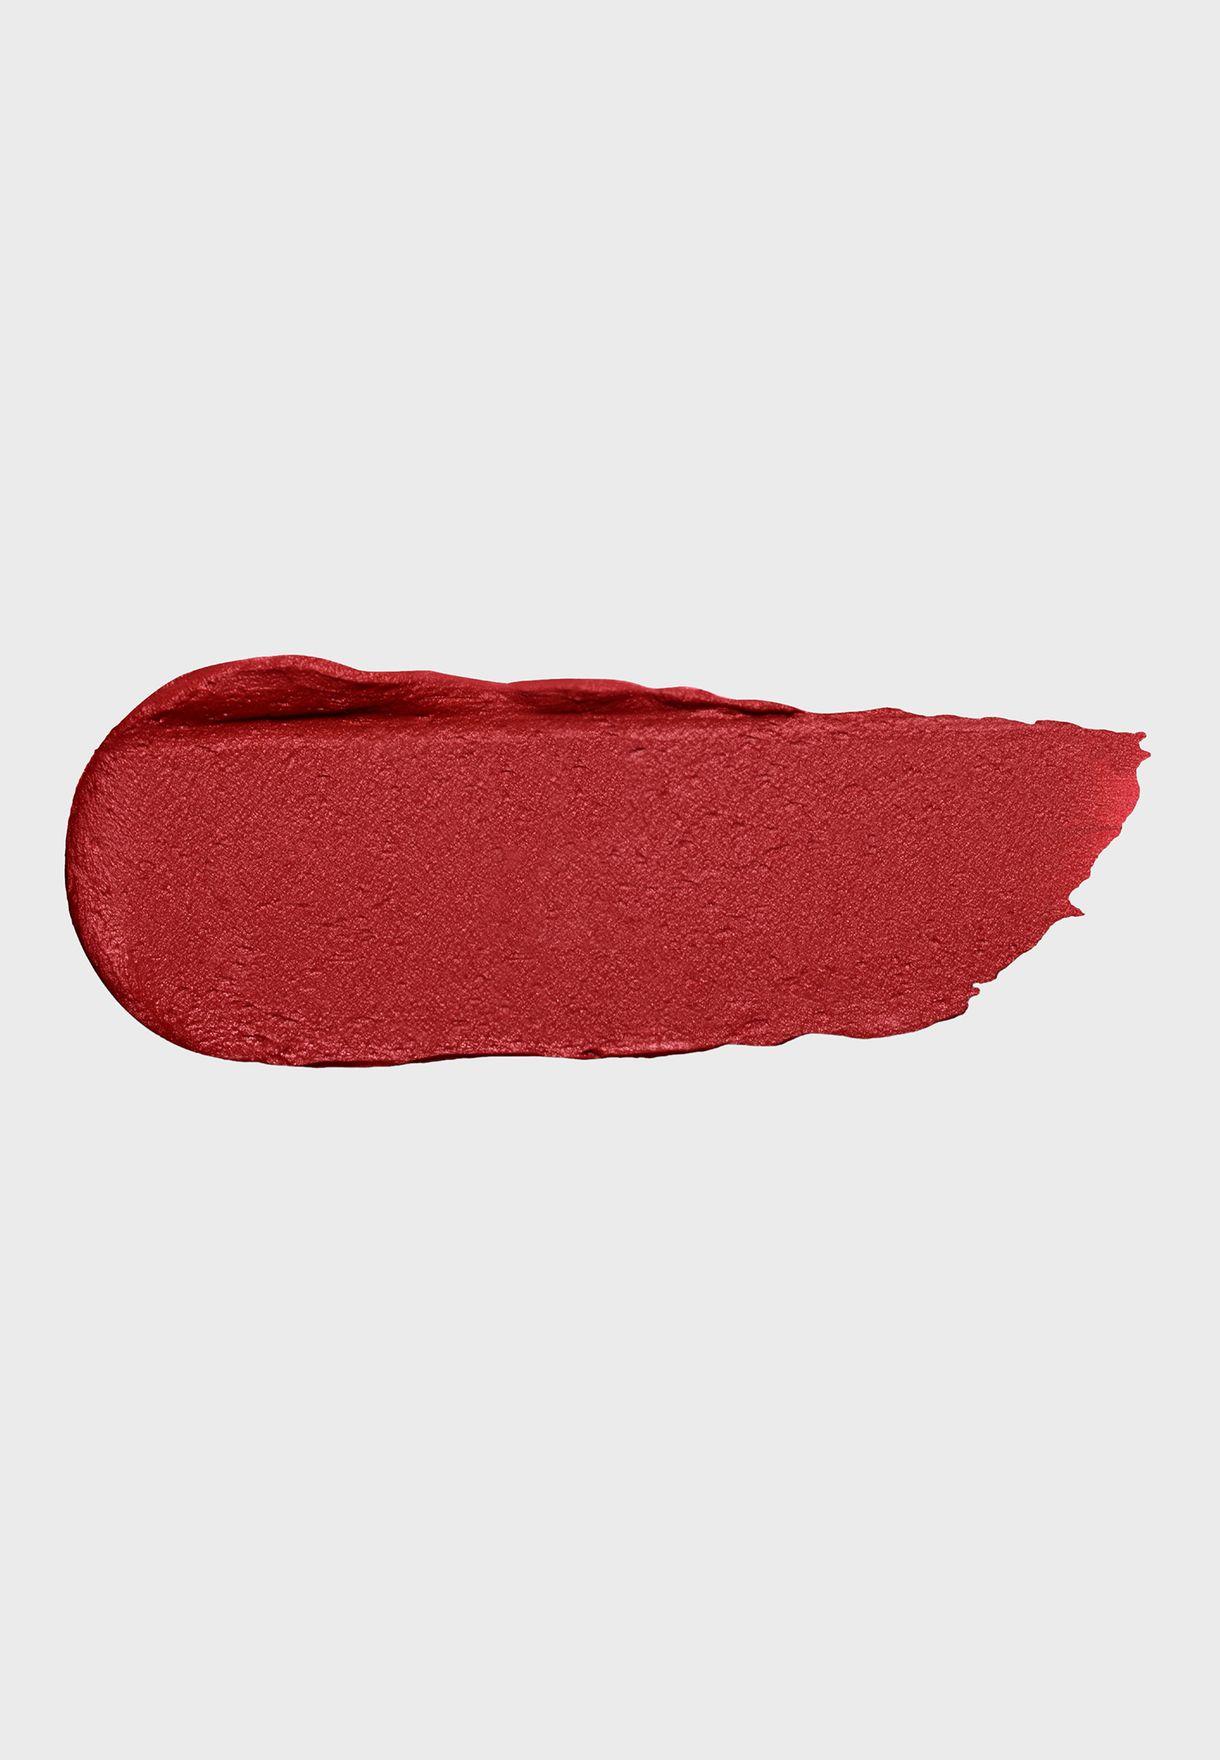 احمر شفاه لاستنغ لاكجوري ماتي - تشيري باي